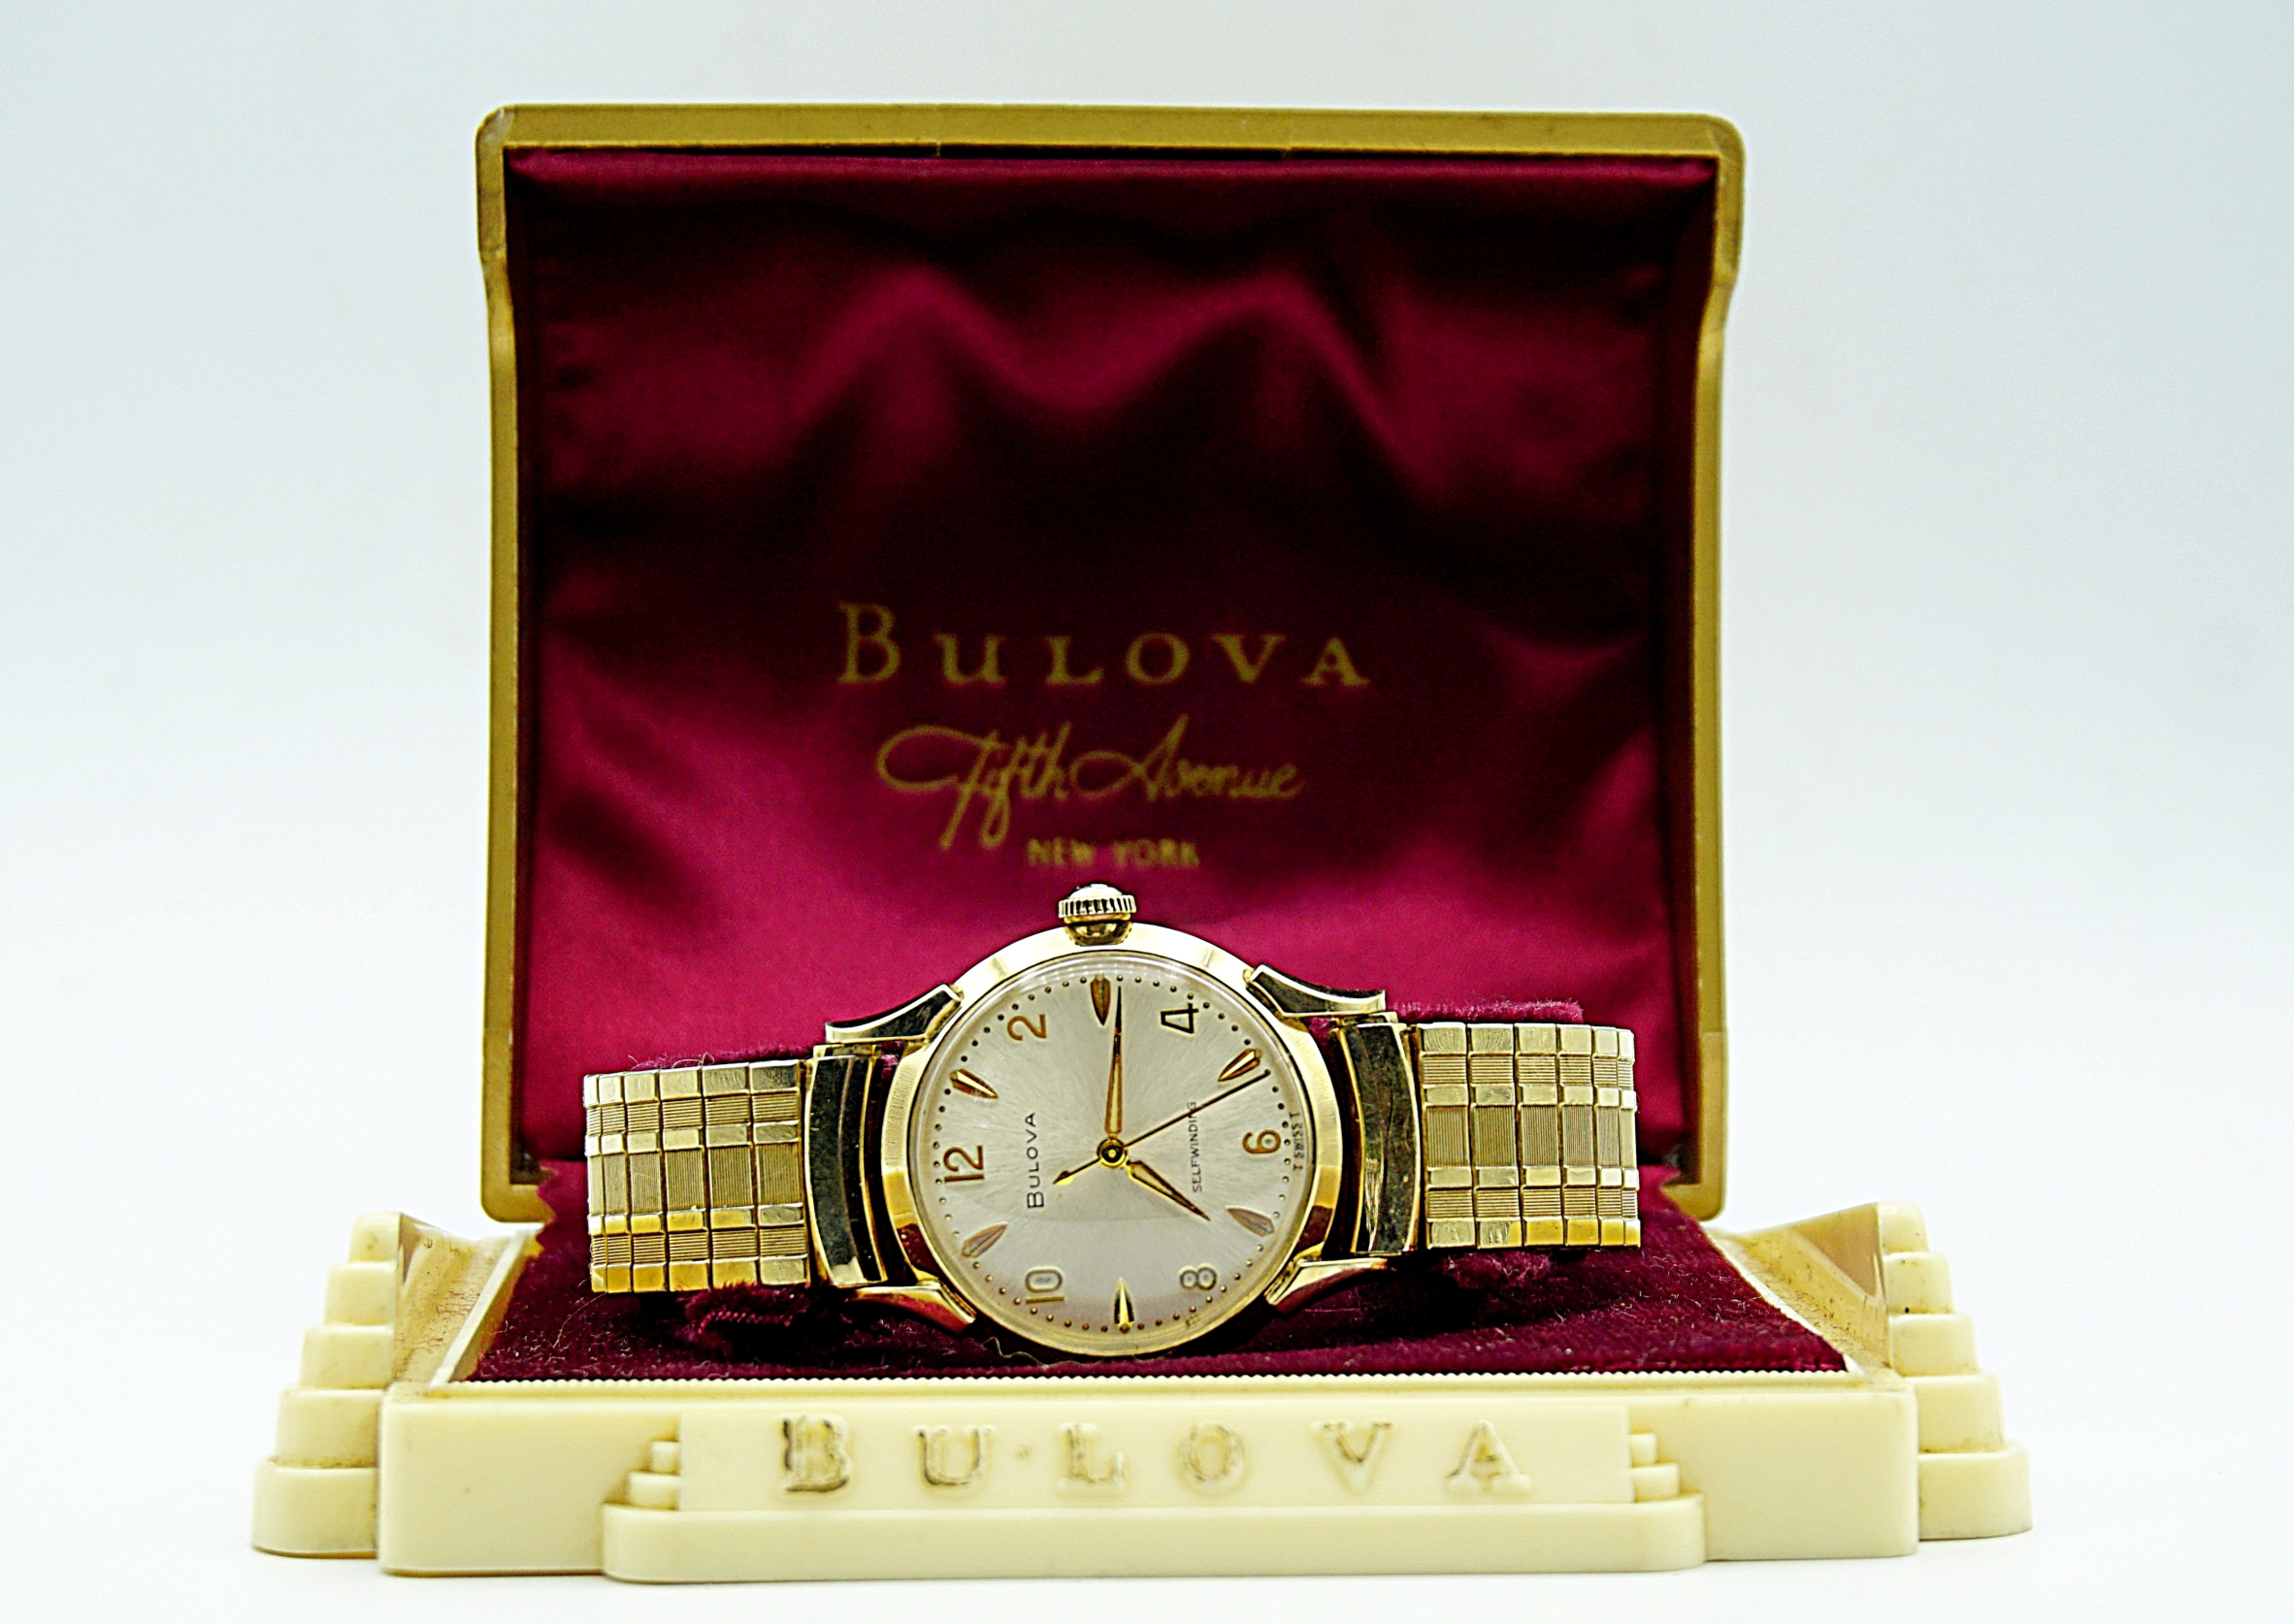 นาฬิกาเก่า BULOVA ออโตเมติก พร้อมกล่องและใบรับประกัน